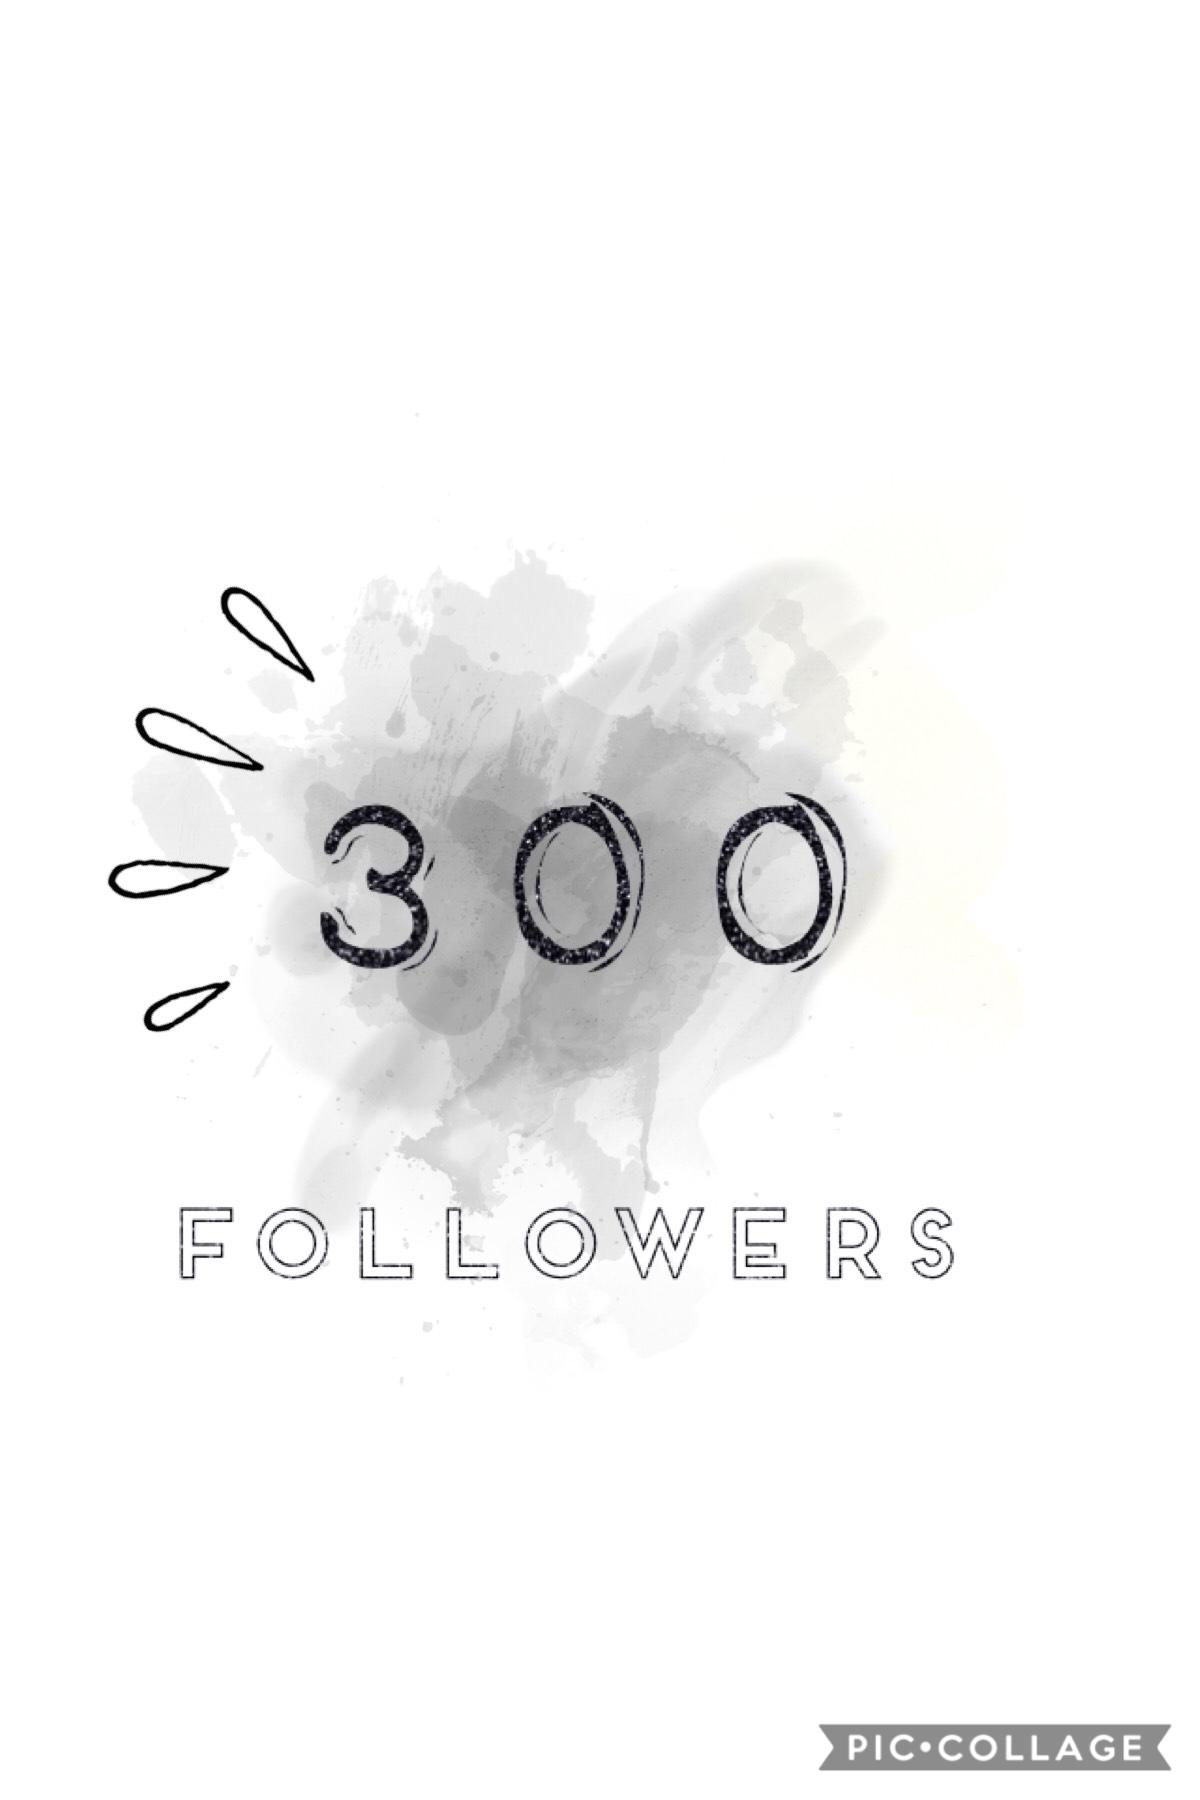 Thanks for three hundred!👍